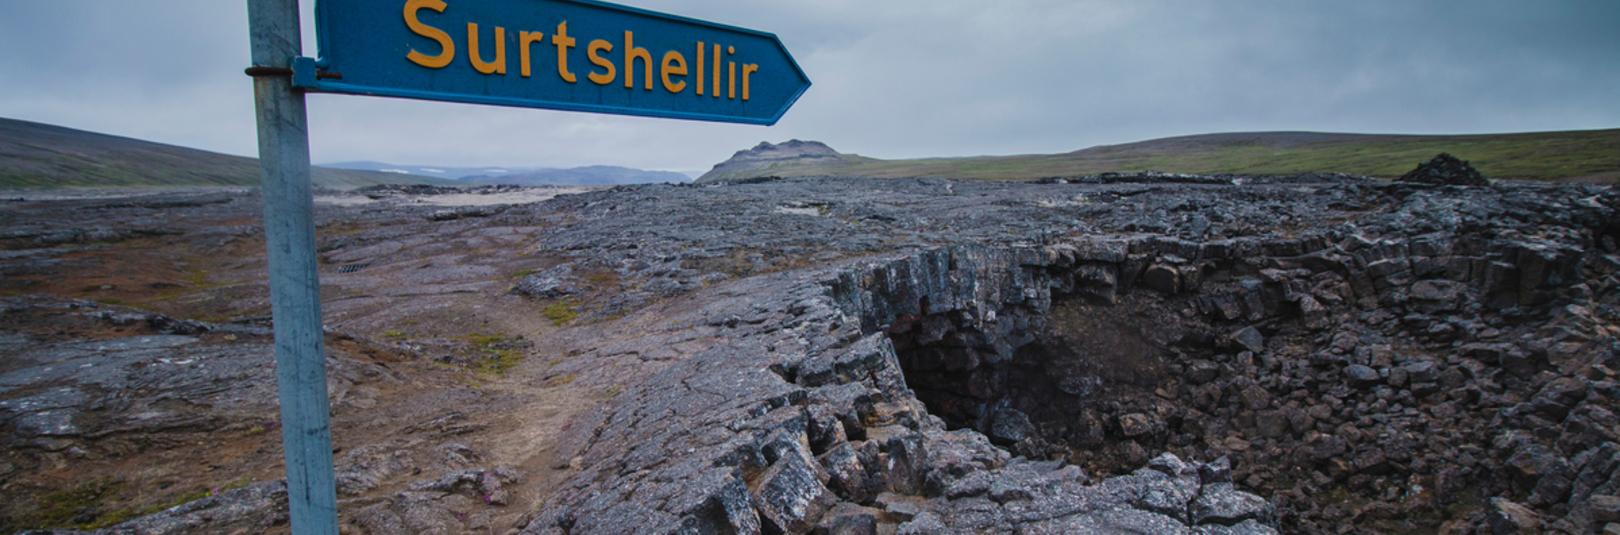 Surtshellir í sýndarveruleika - á vefsíðu Háskóla Íslands